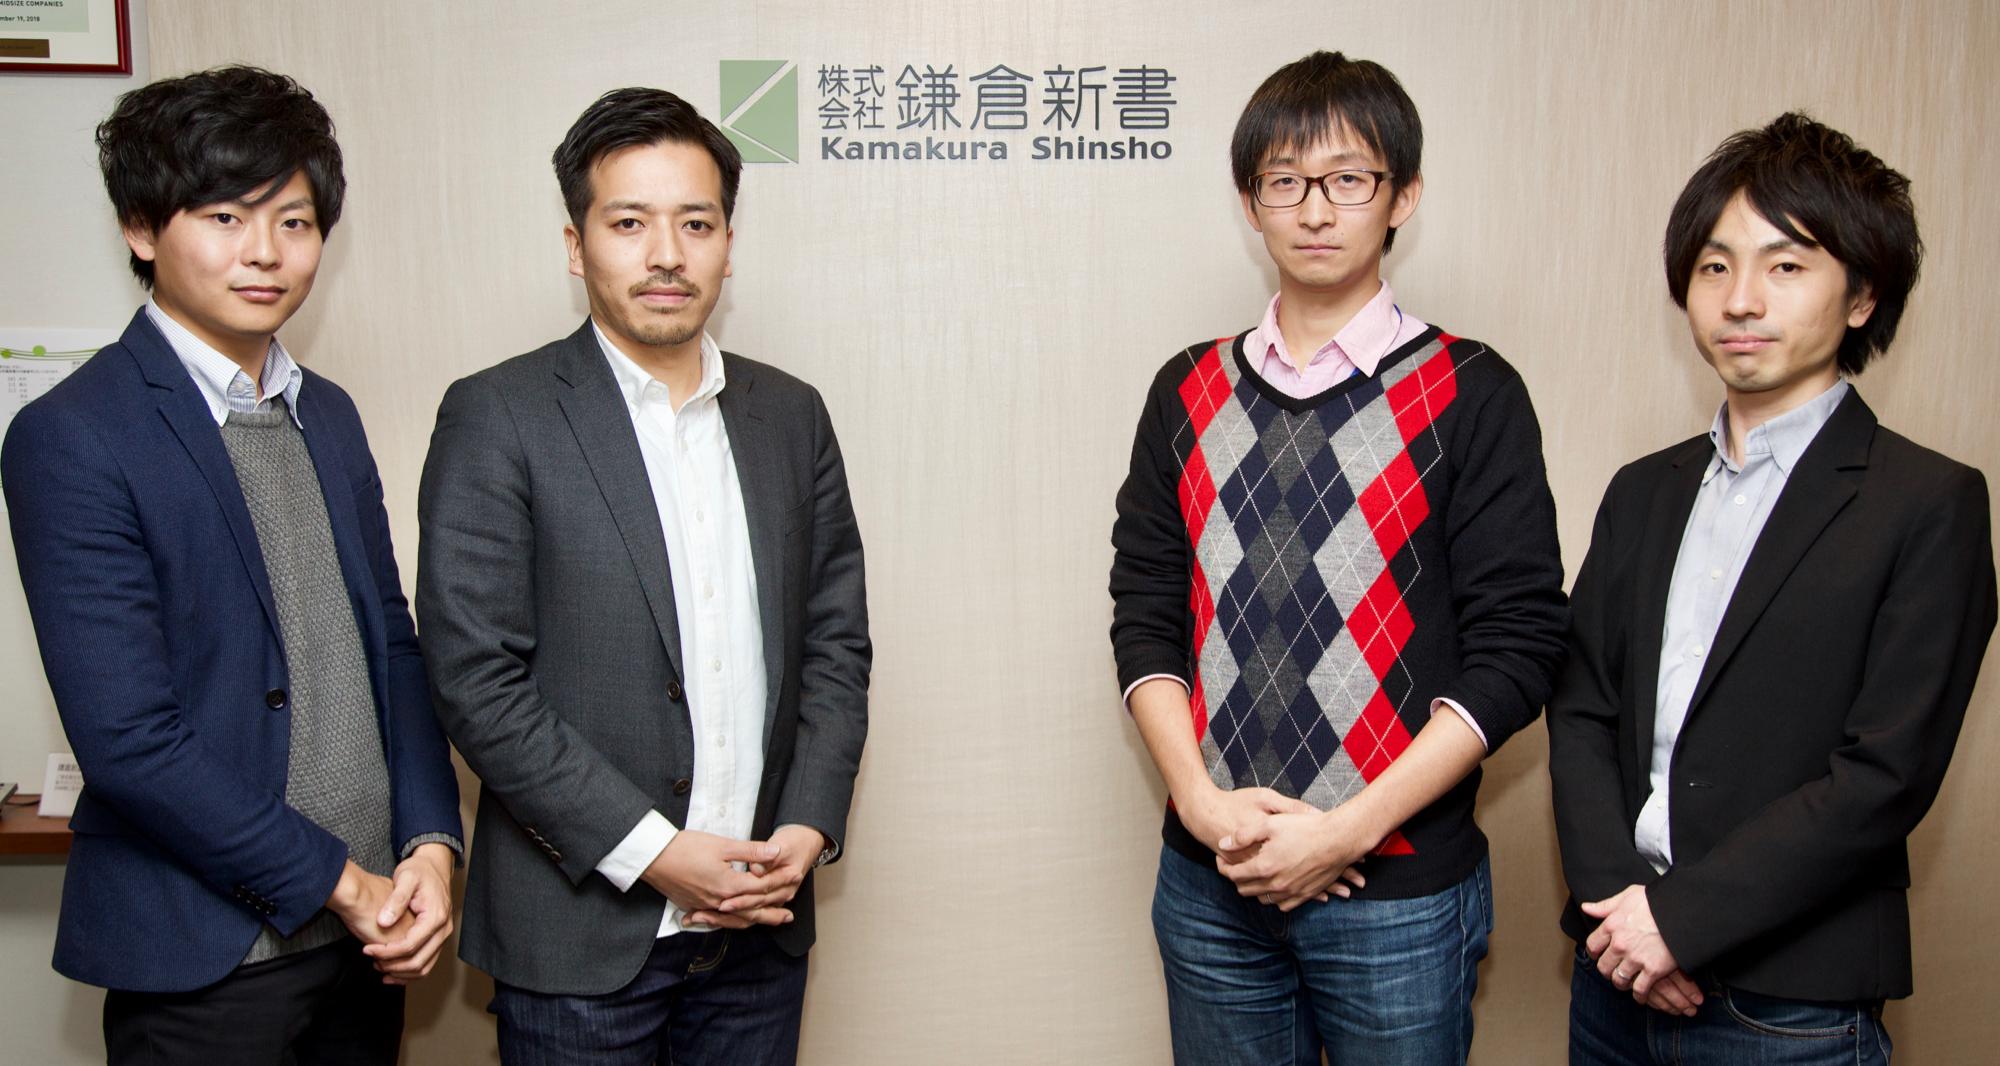 鎌倉新書の村山宗栄氏(写真右から2番目)と、写真左からナイルの岸、押谷、横尾。